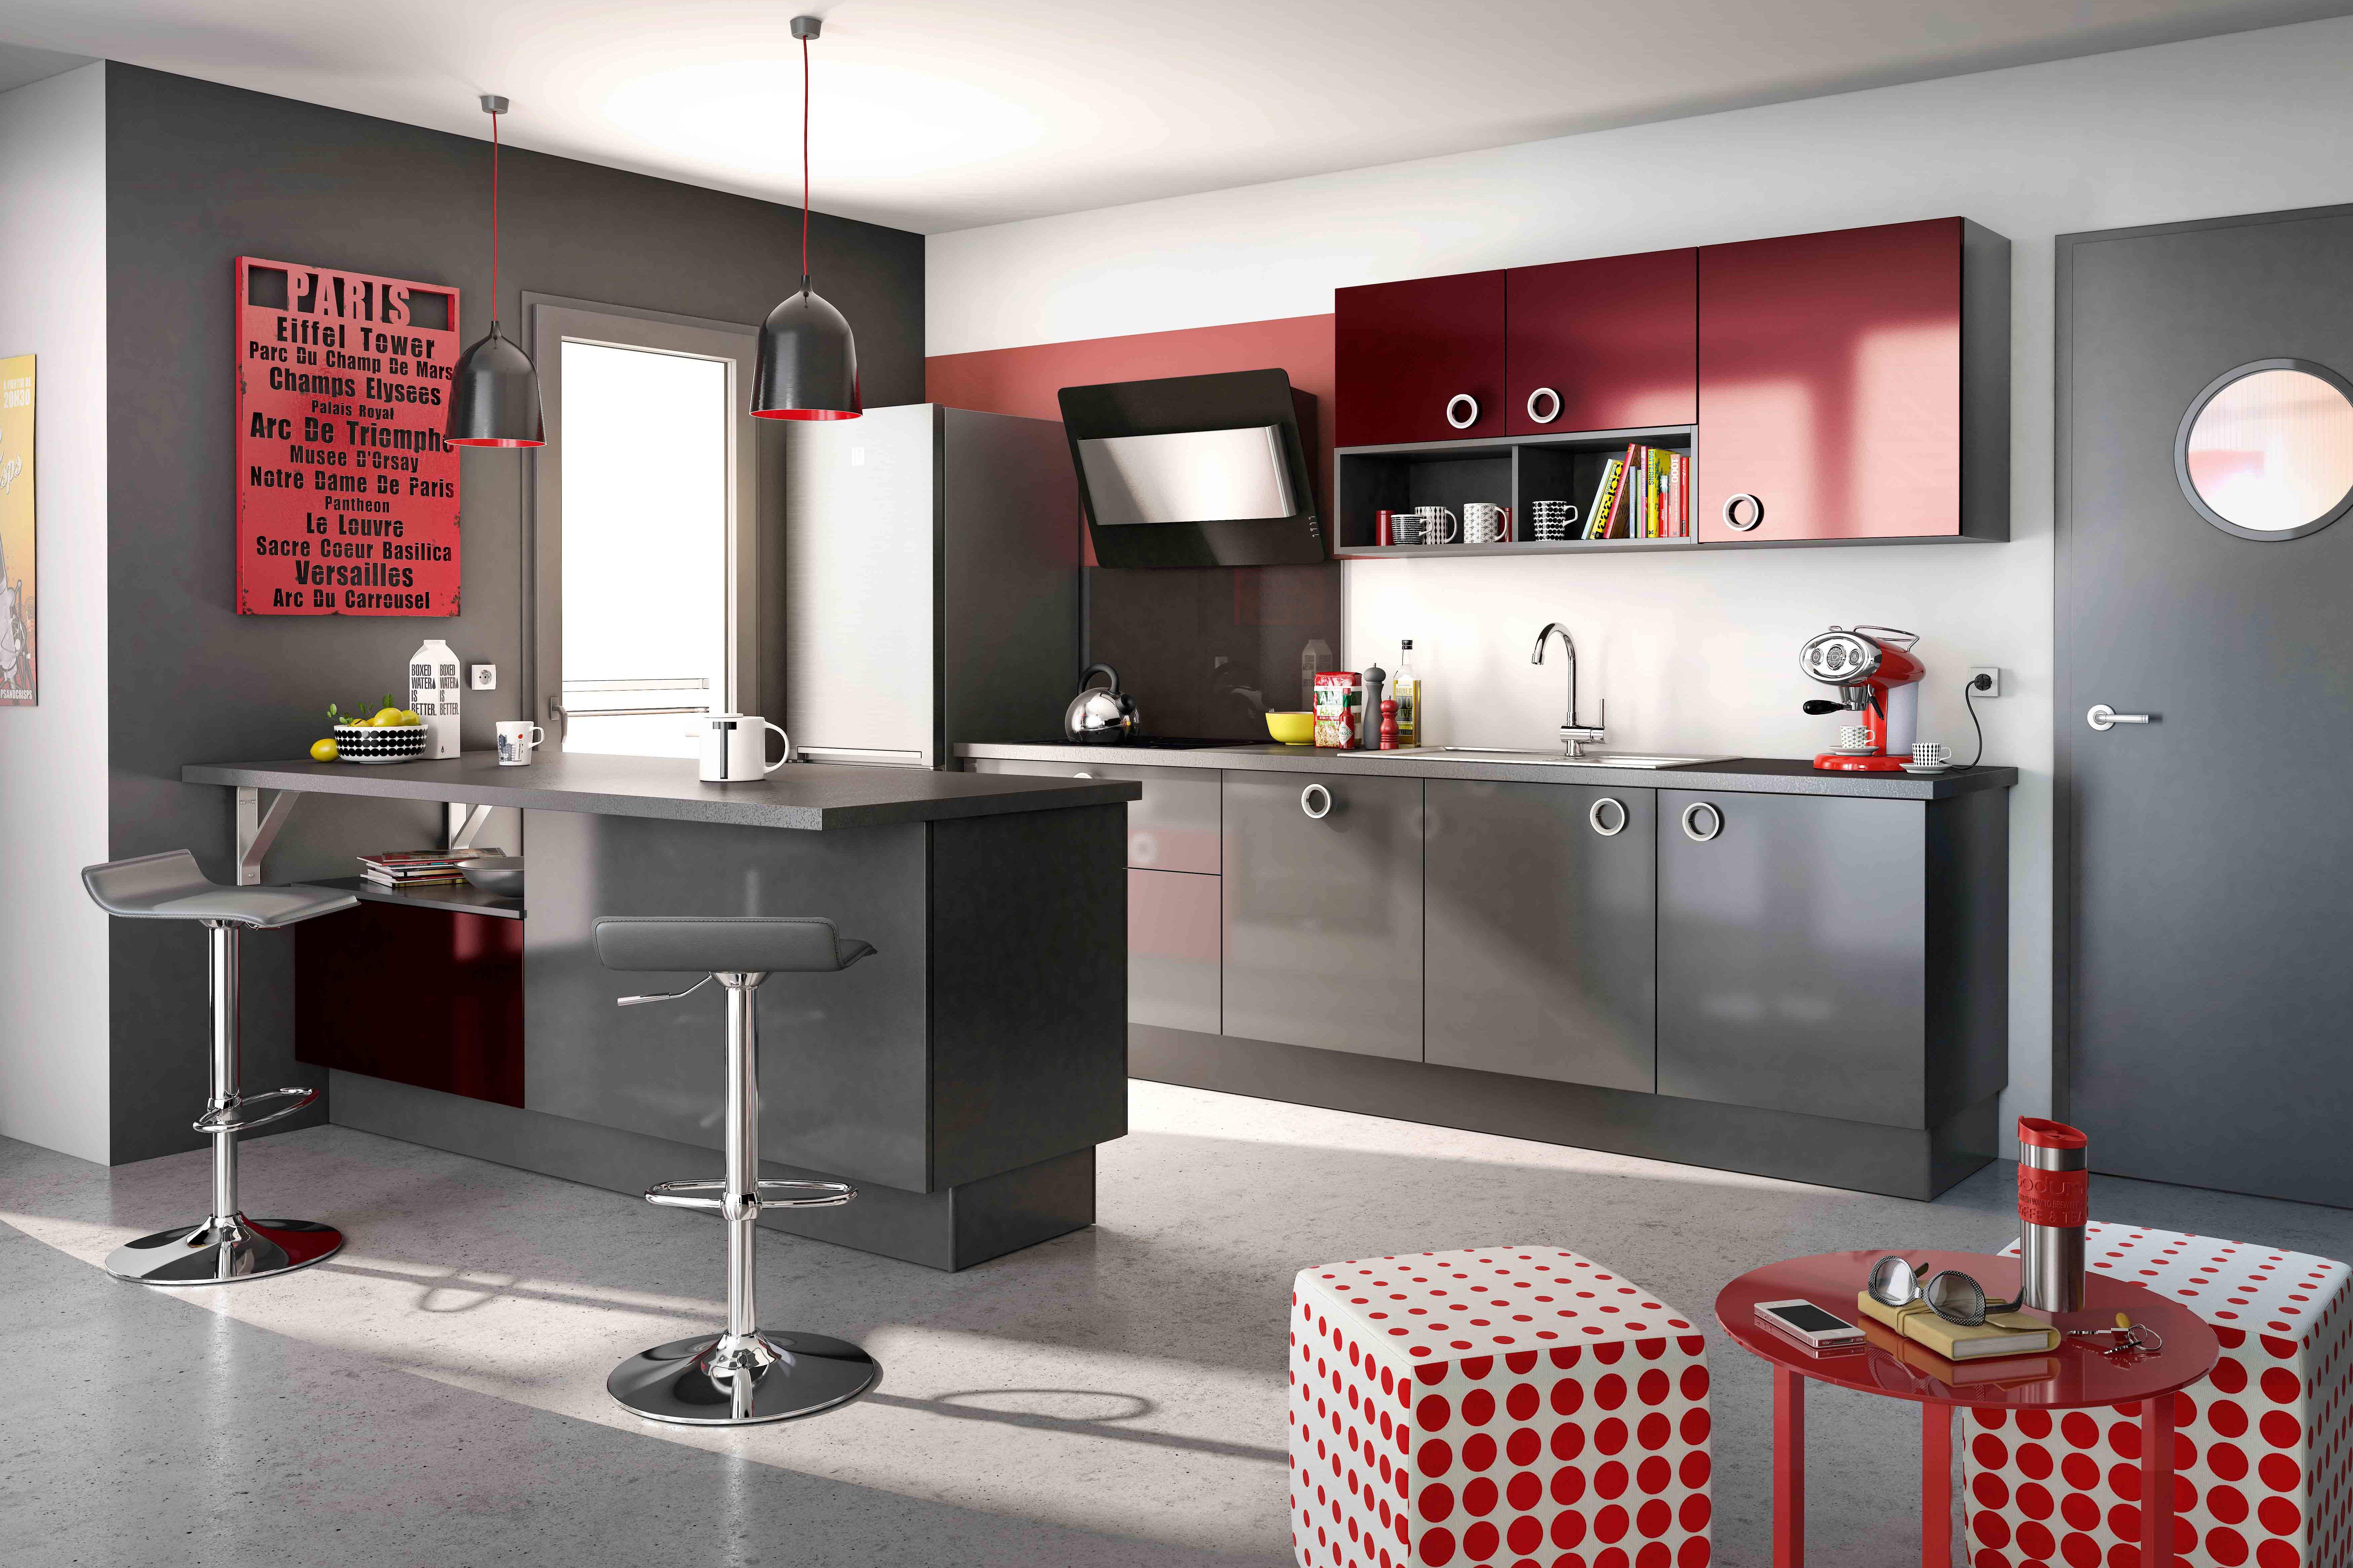 Cuisine Rouge Et Grise Modele De Cuisine Urban Par Socoo C Cuisine Rouge Deco Cuisine Rouge Cuisine Rouge Et Gris